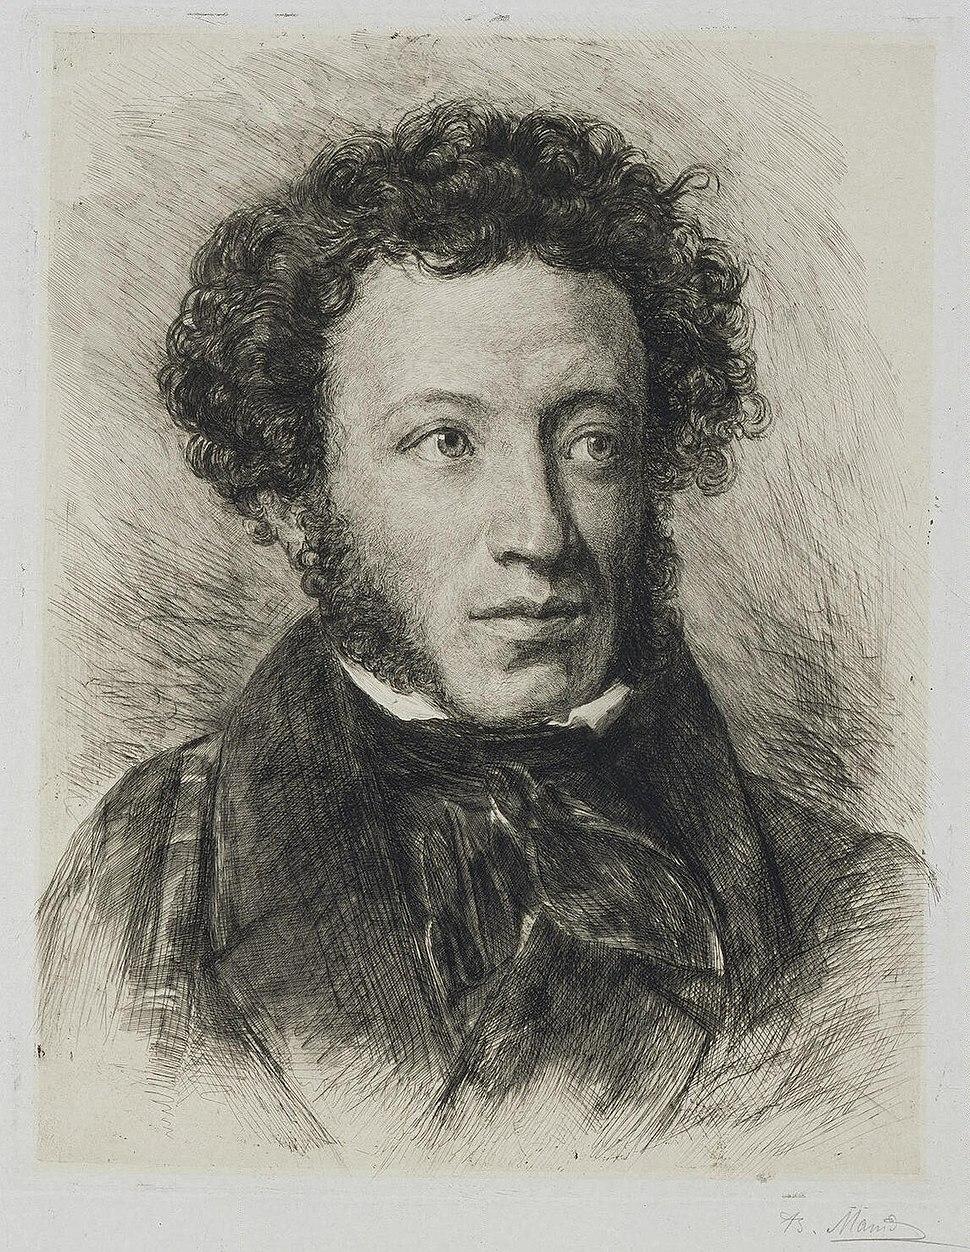 Pushkin (by Mate)